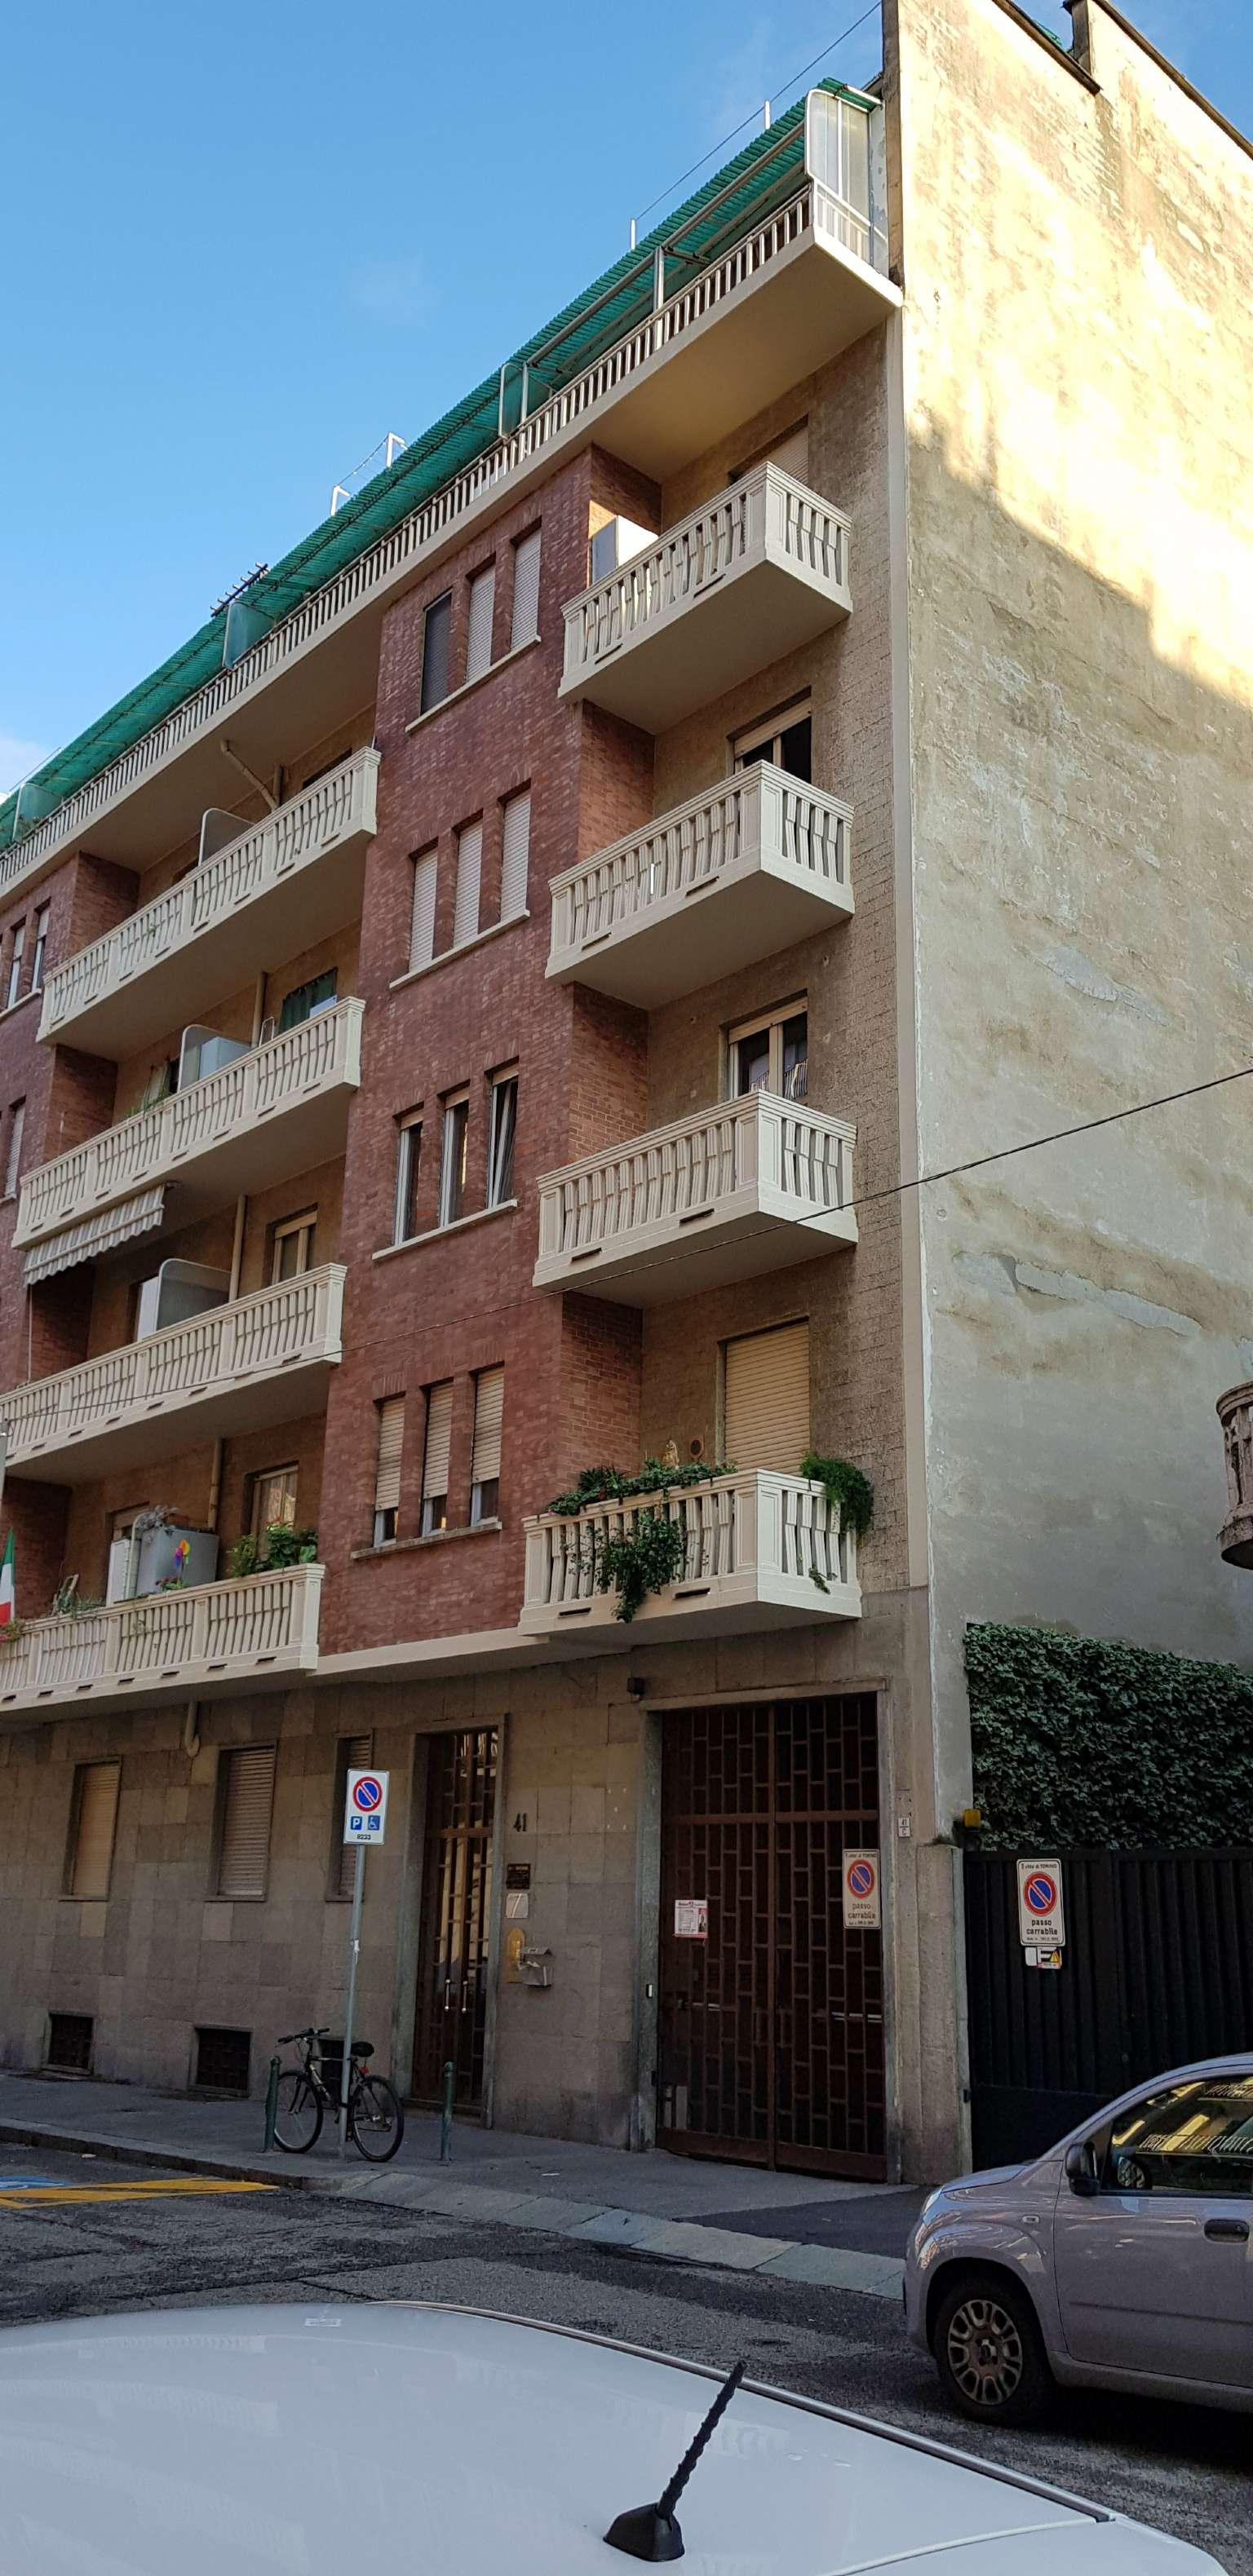 Vendita - Appartamento - Torino - SANTA RITA MONOLOCALE DA INVESTIMENTO EURO 32.000